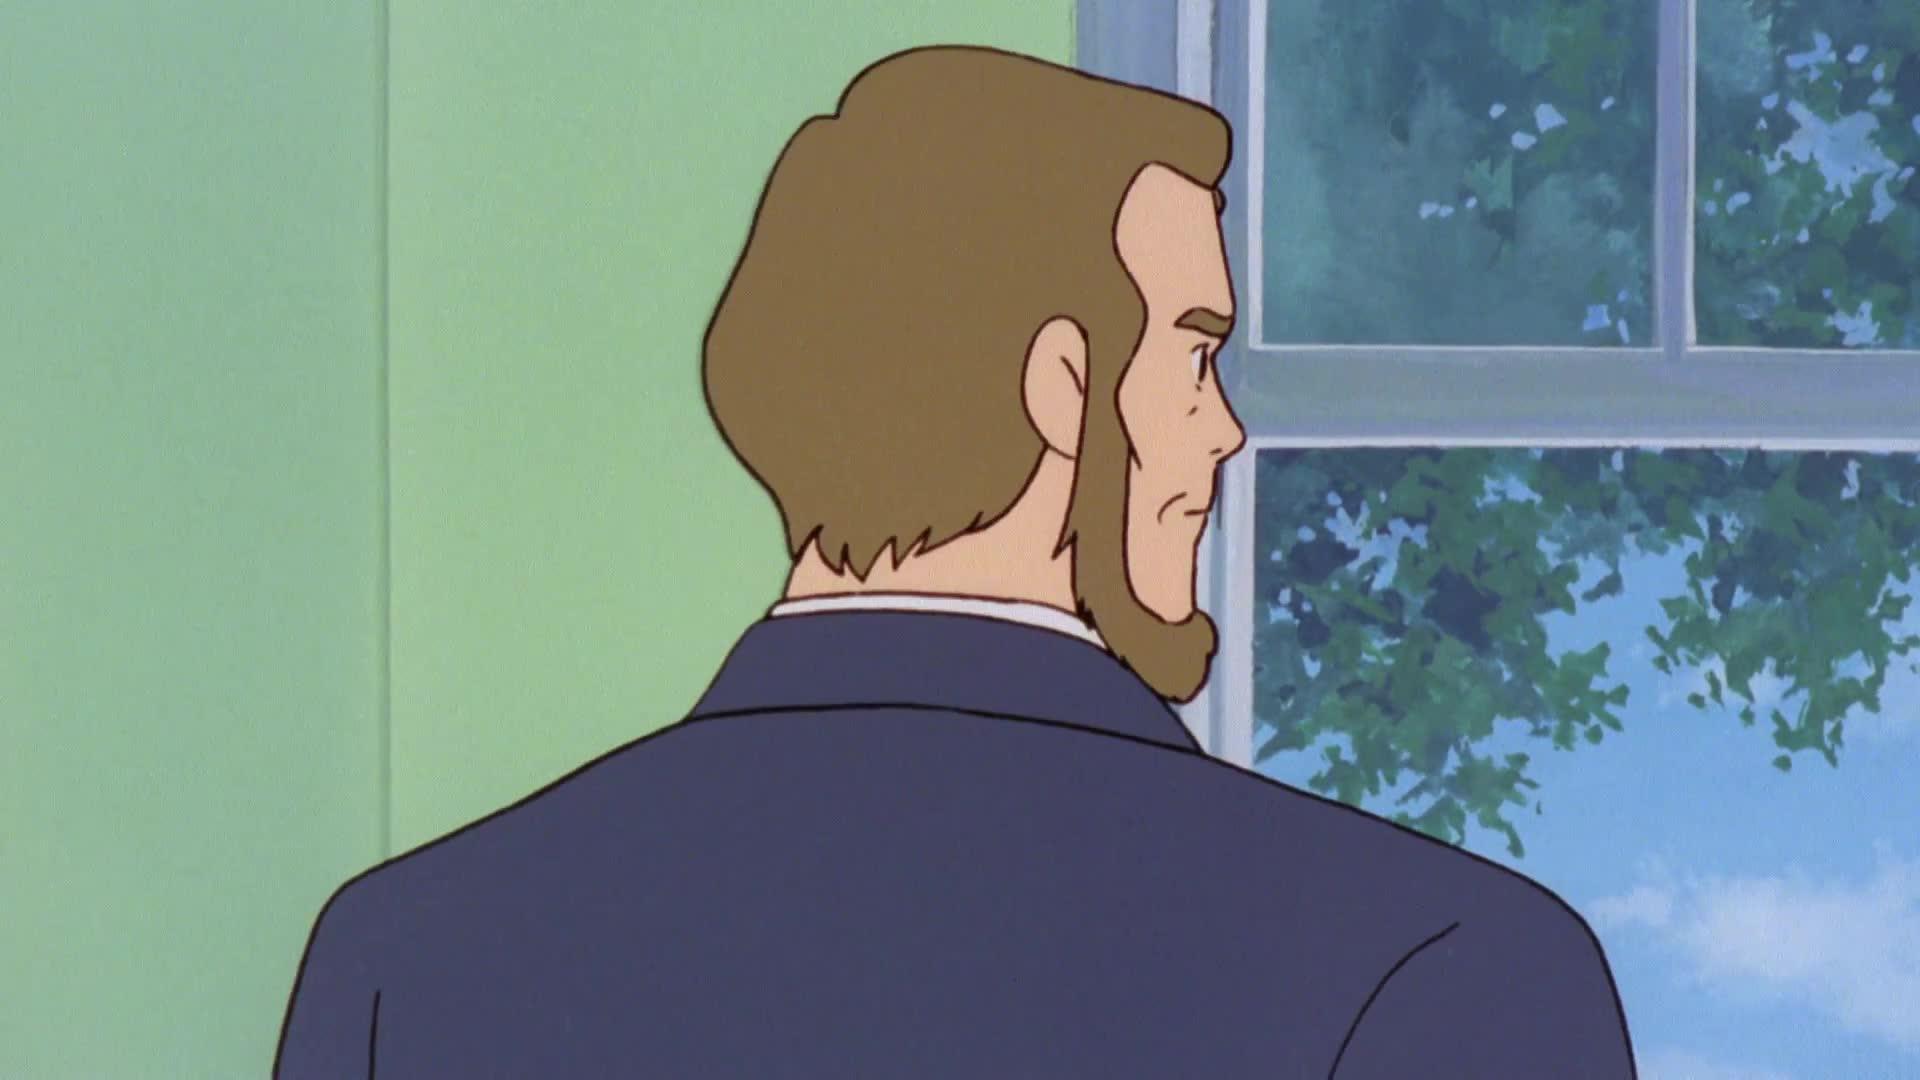 7화 난 로빈슨 크루소